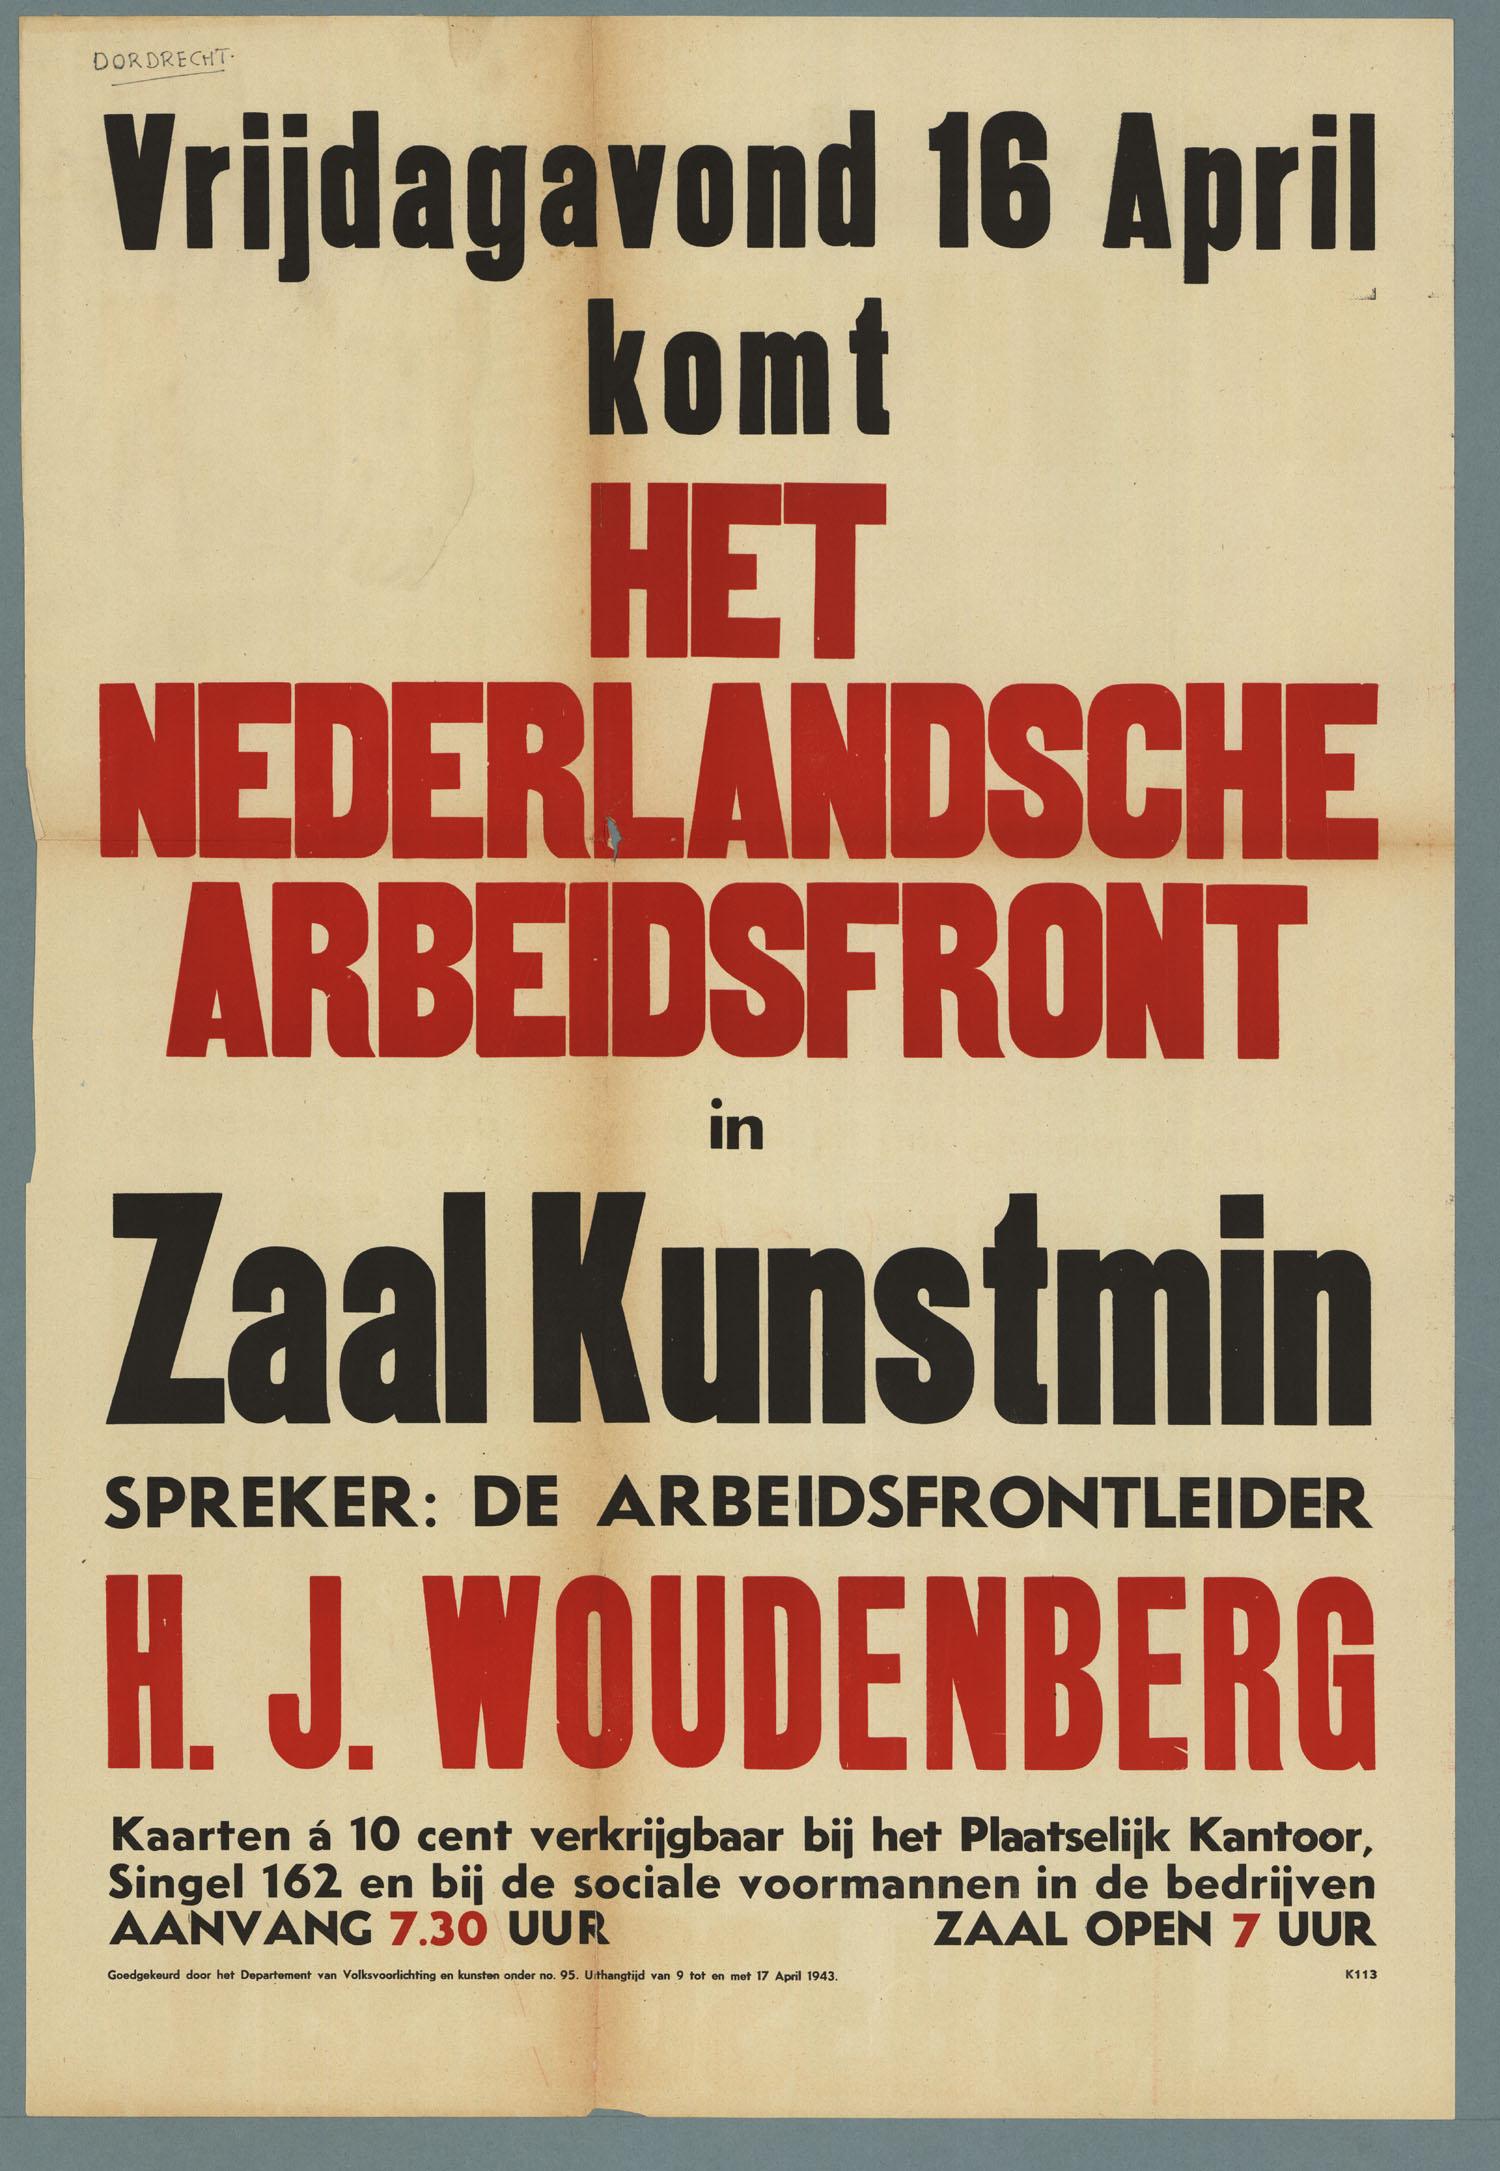 Het nederlandsche arbeidsfront geheugen van nederland - Klein kamermeisje ...